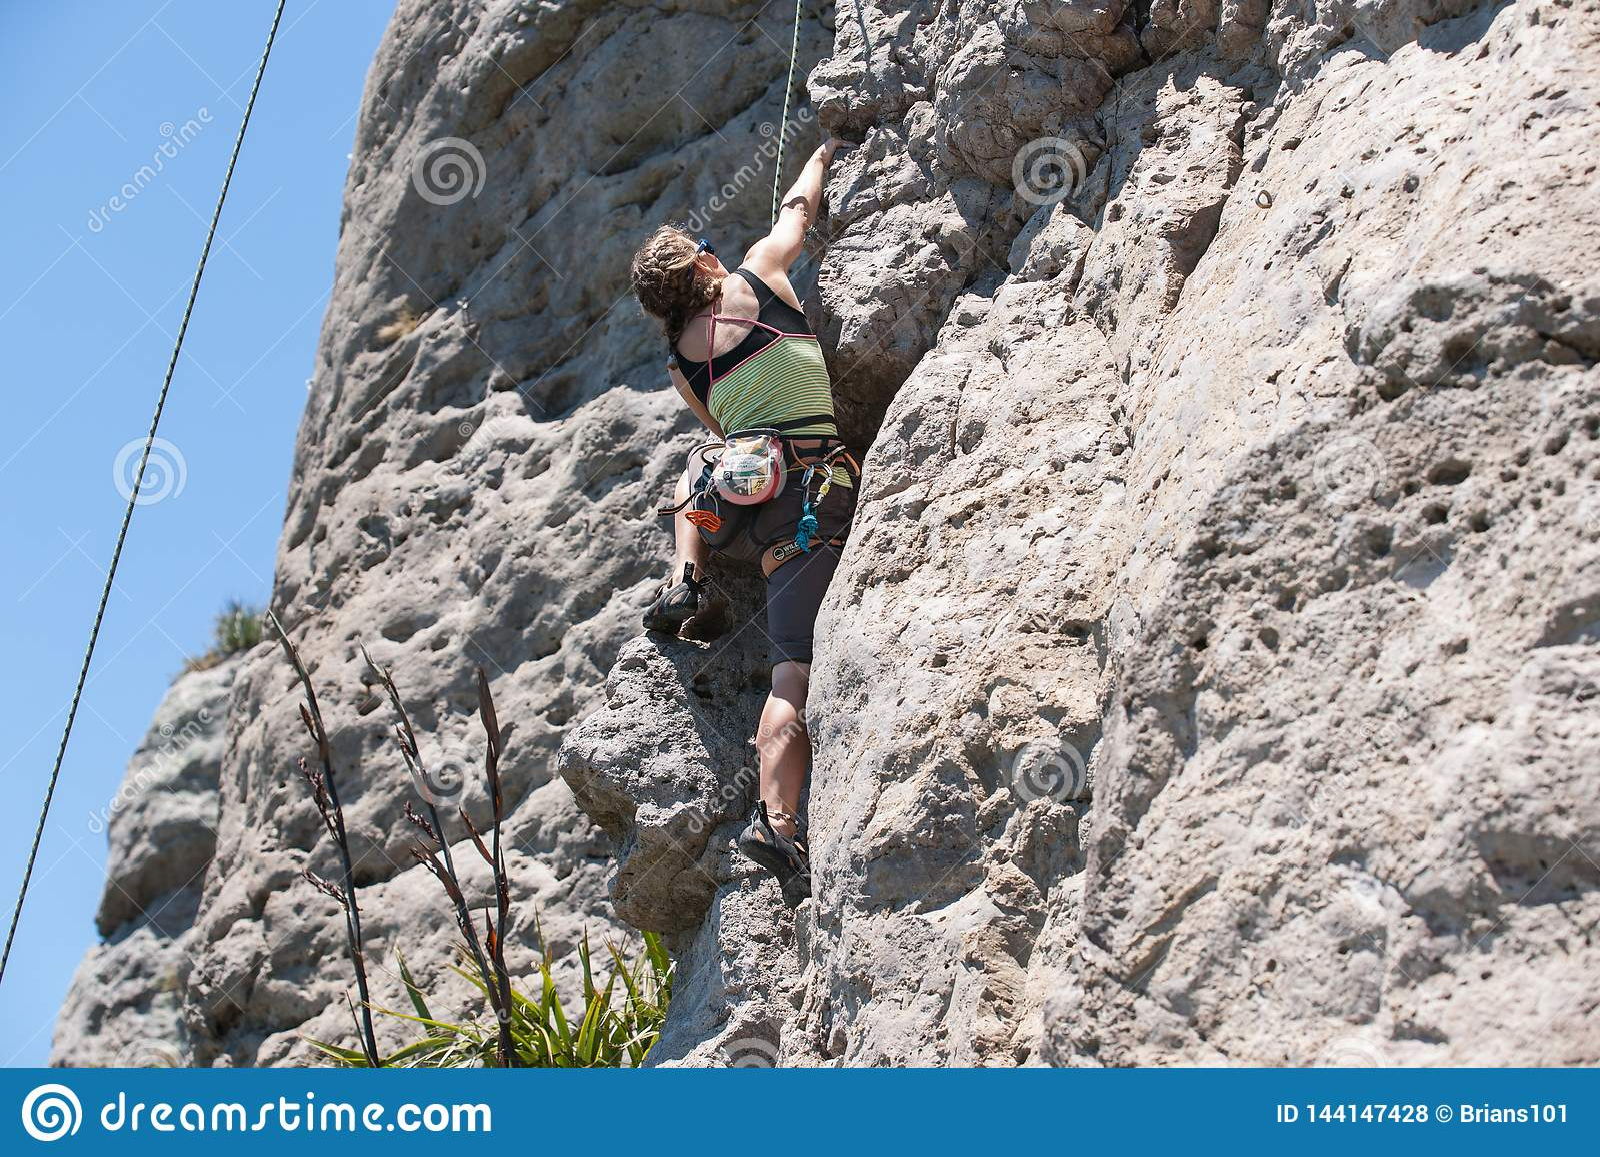 Jeune escalade aventureuse de personne